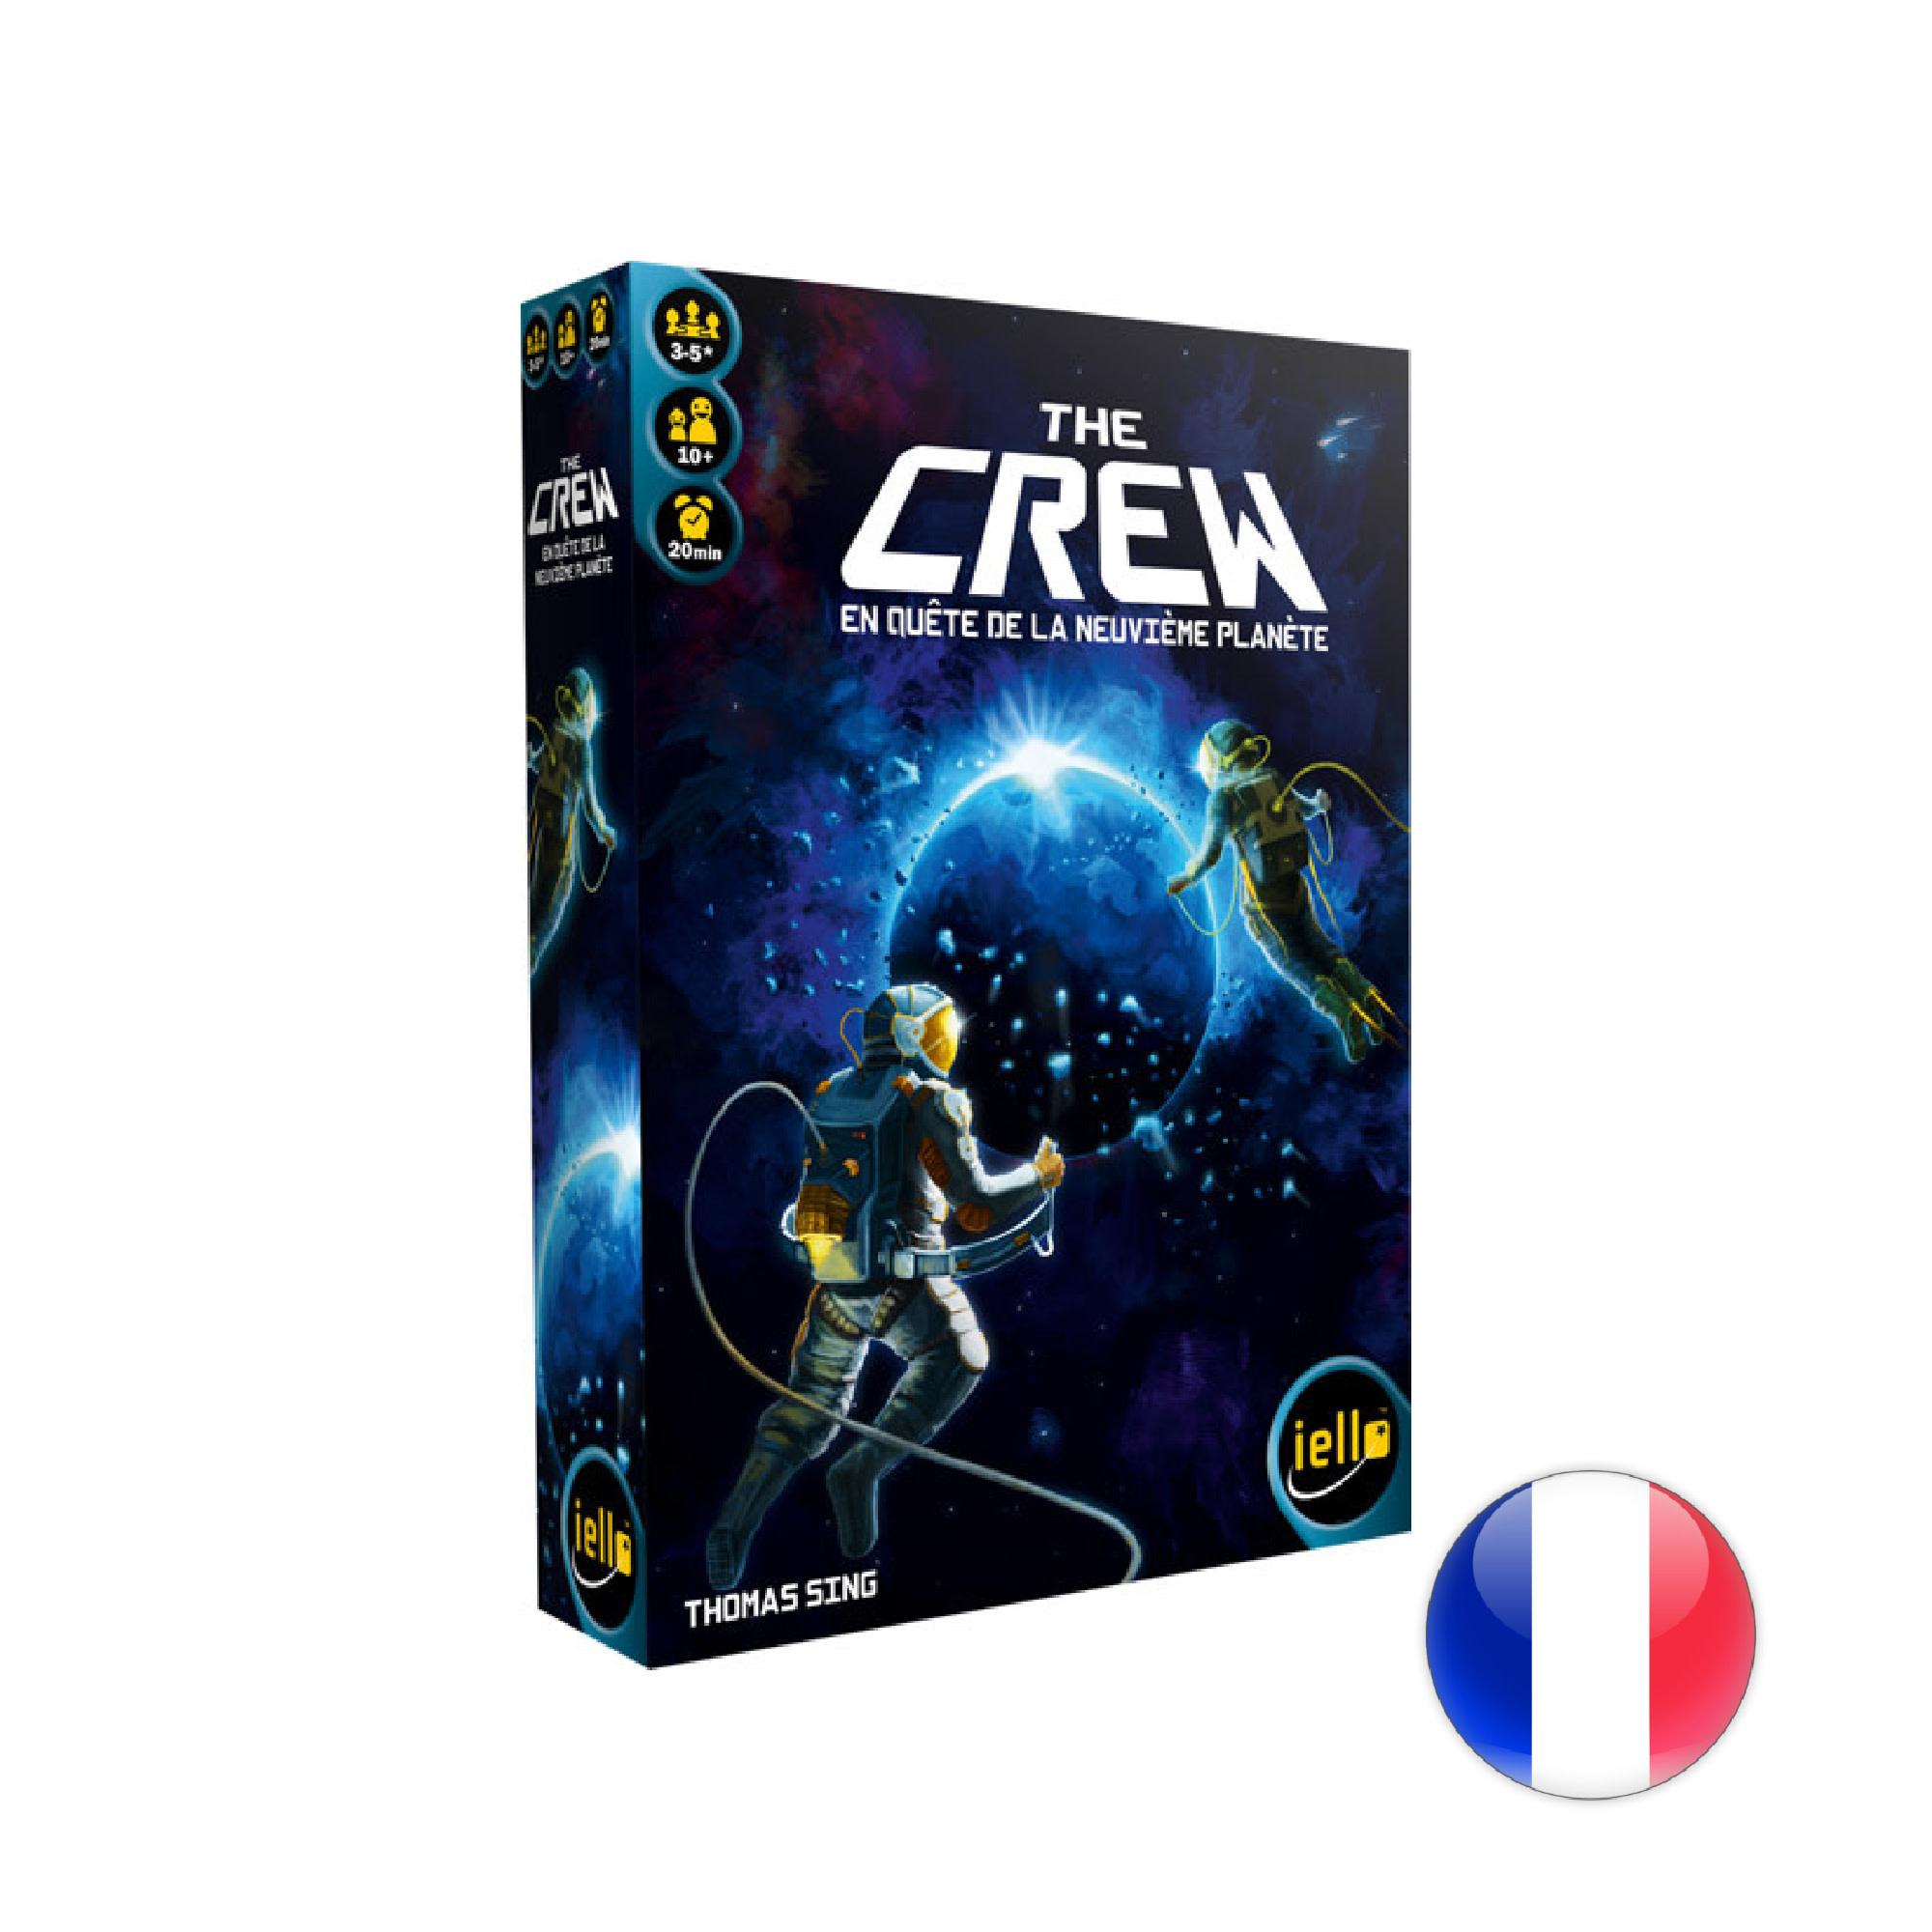 IELLO The Crew: En quête de la neuvième planète